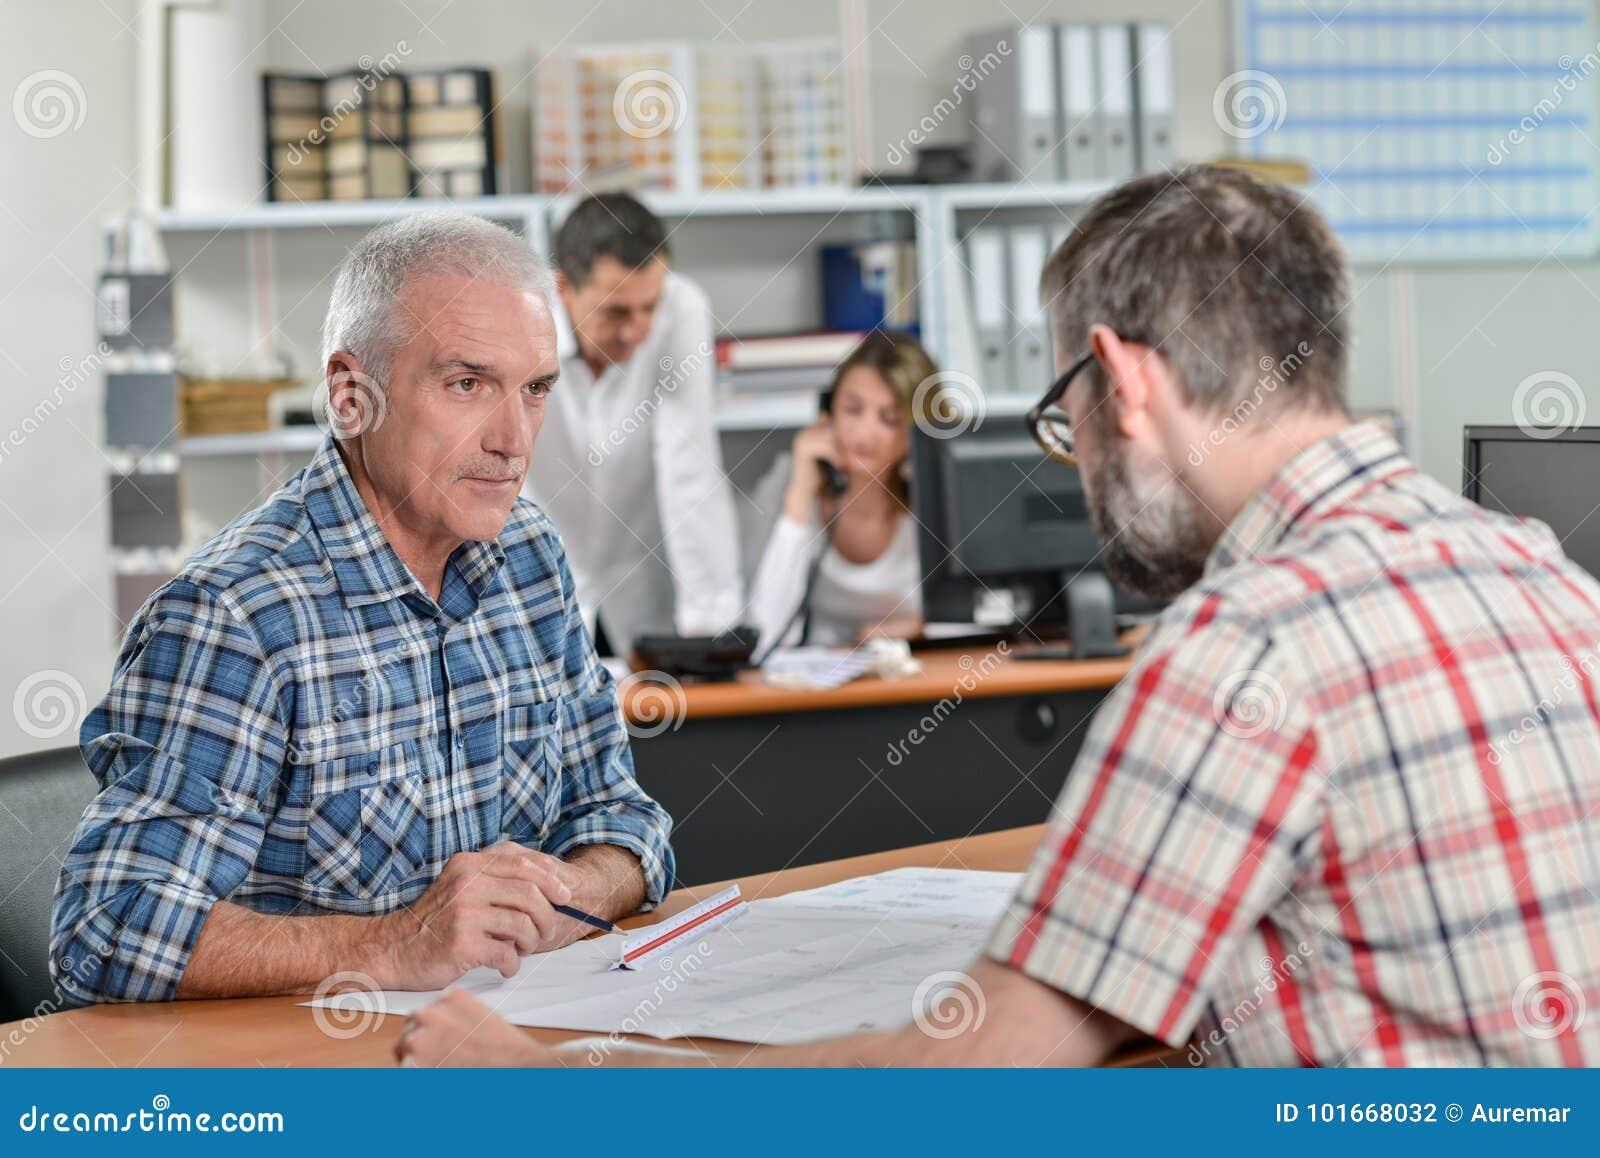 Conversação dos homens no escritório